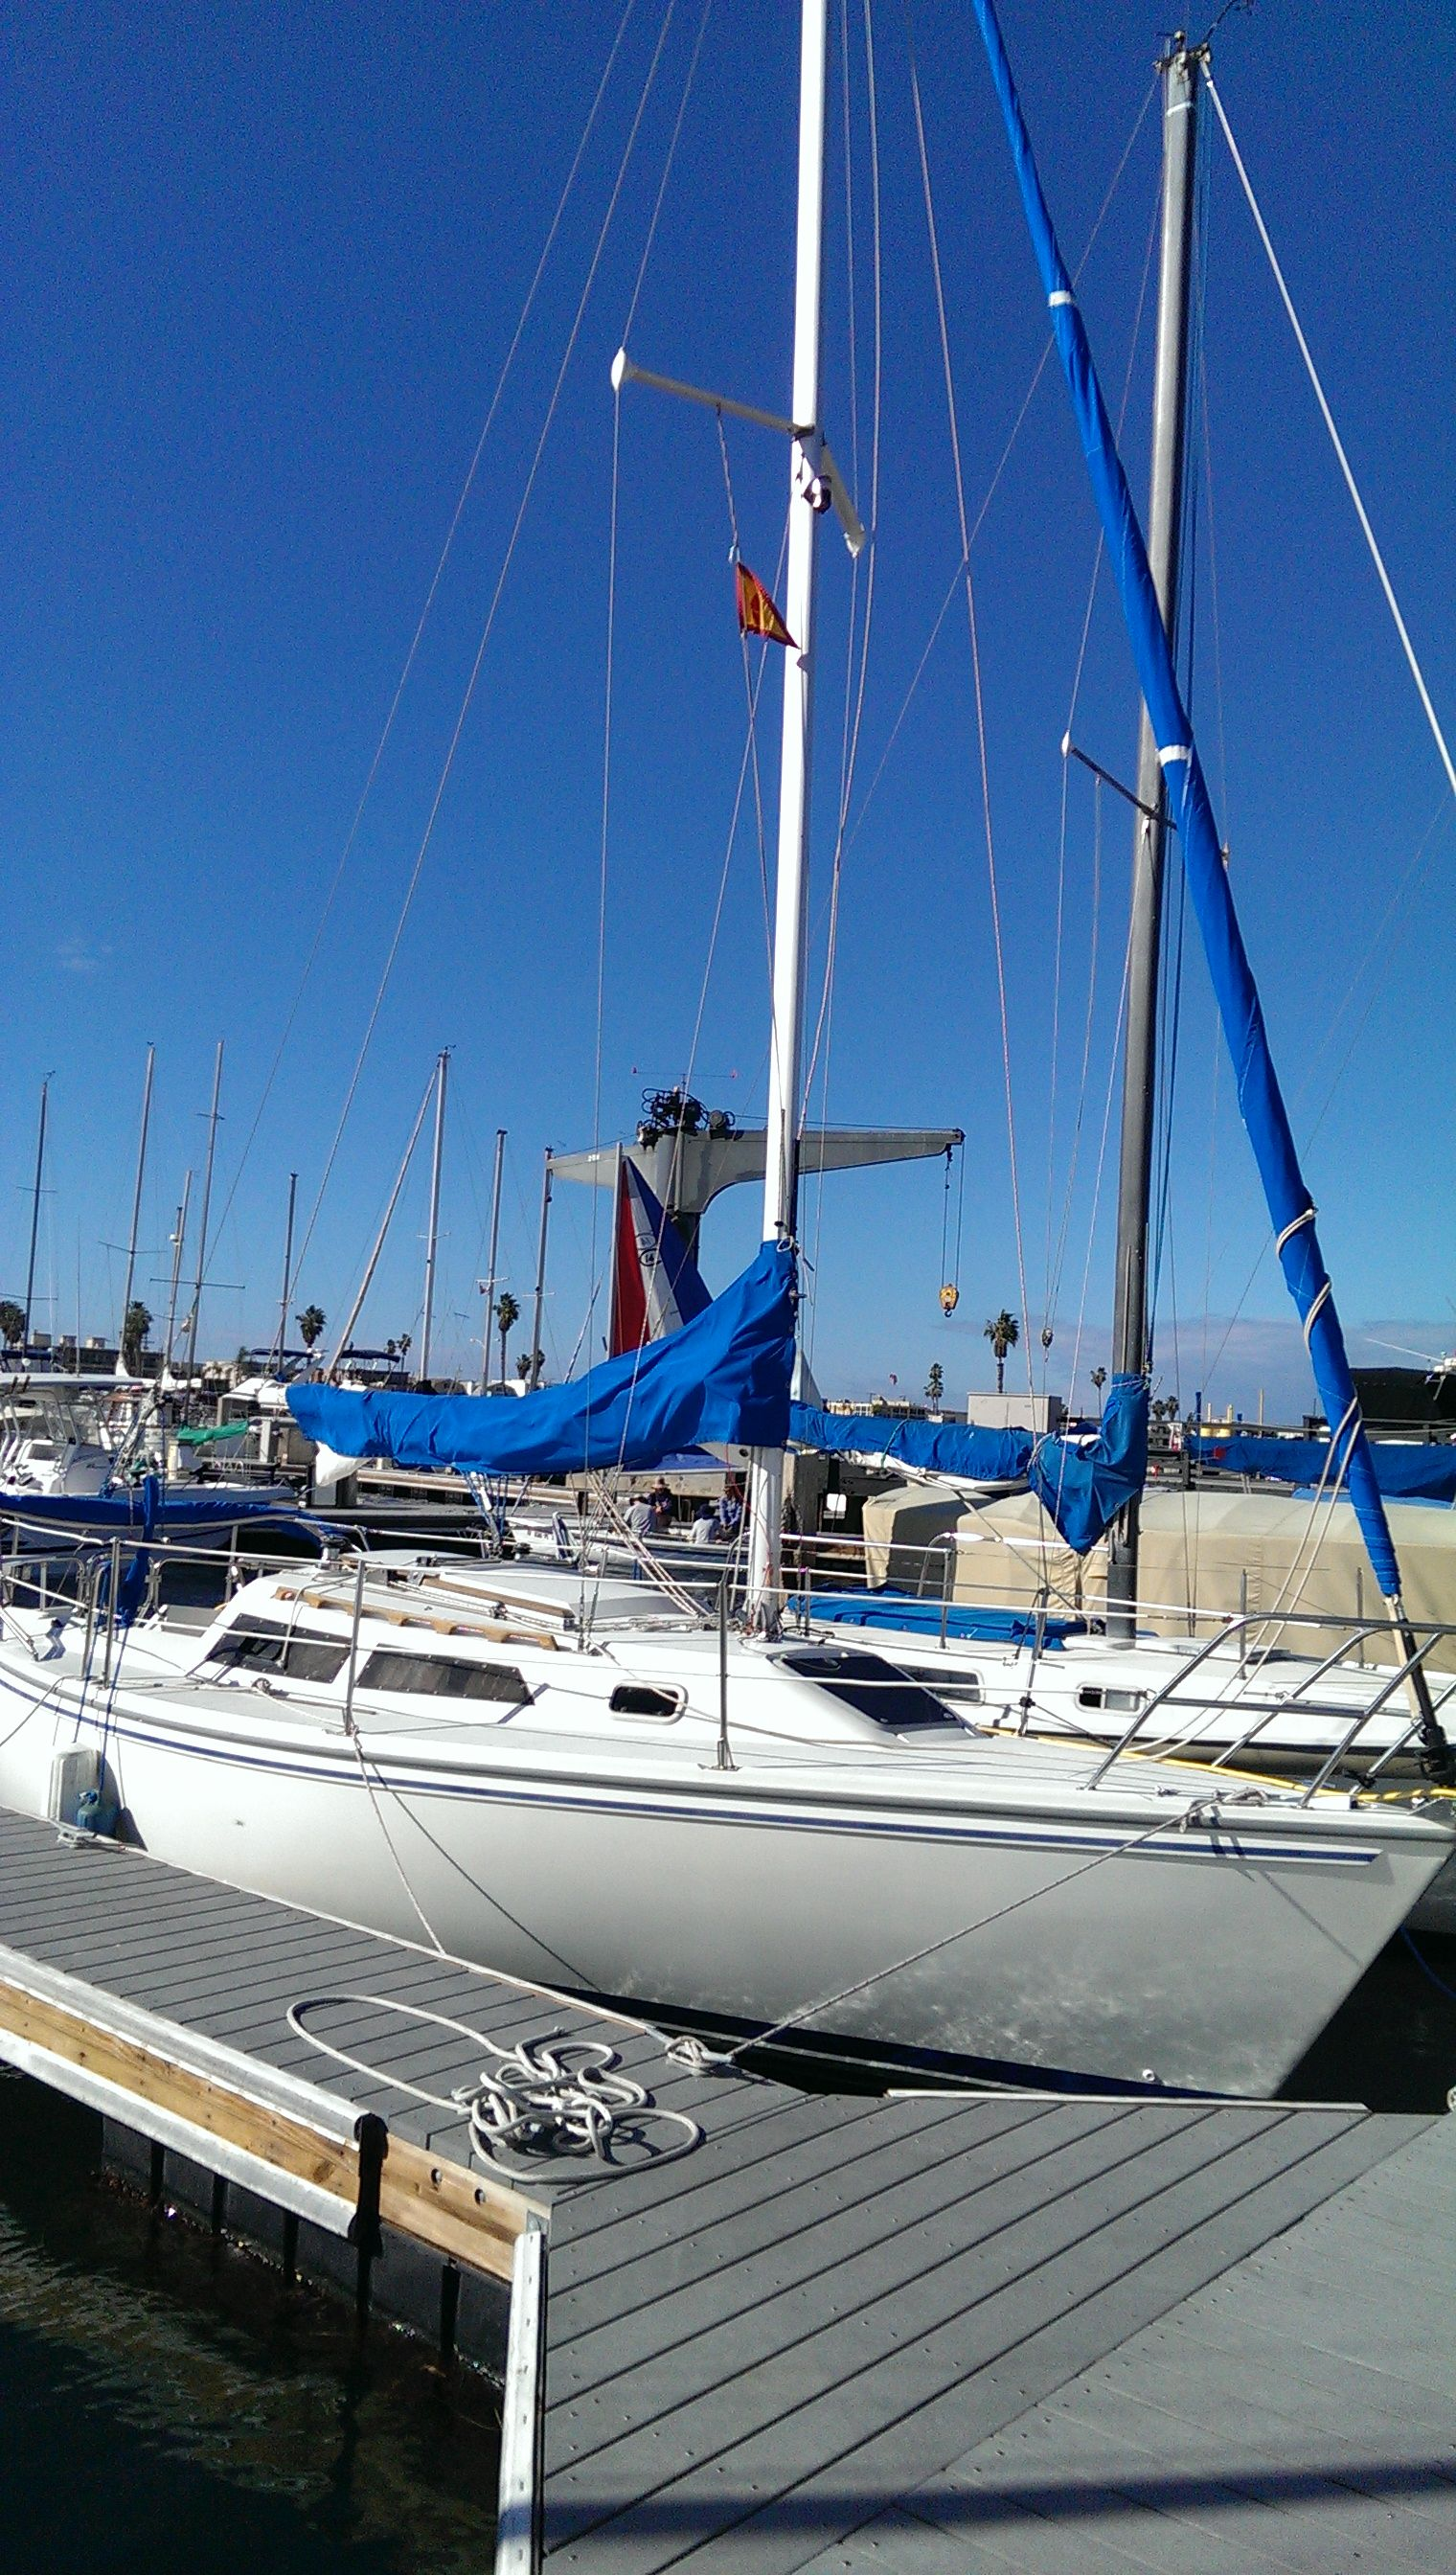 Our sailboat slash beach cabin Sailboat, Sailing ships, Boat